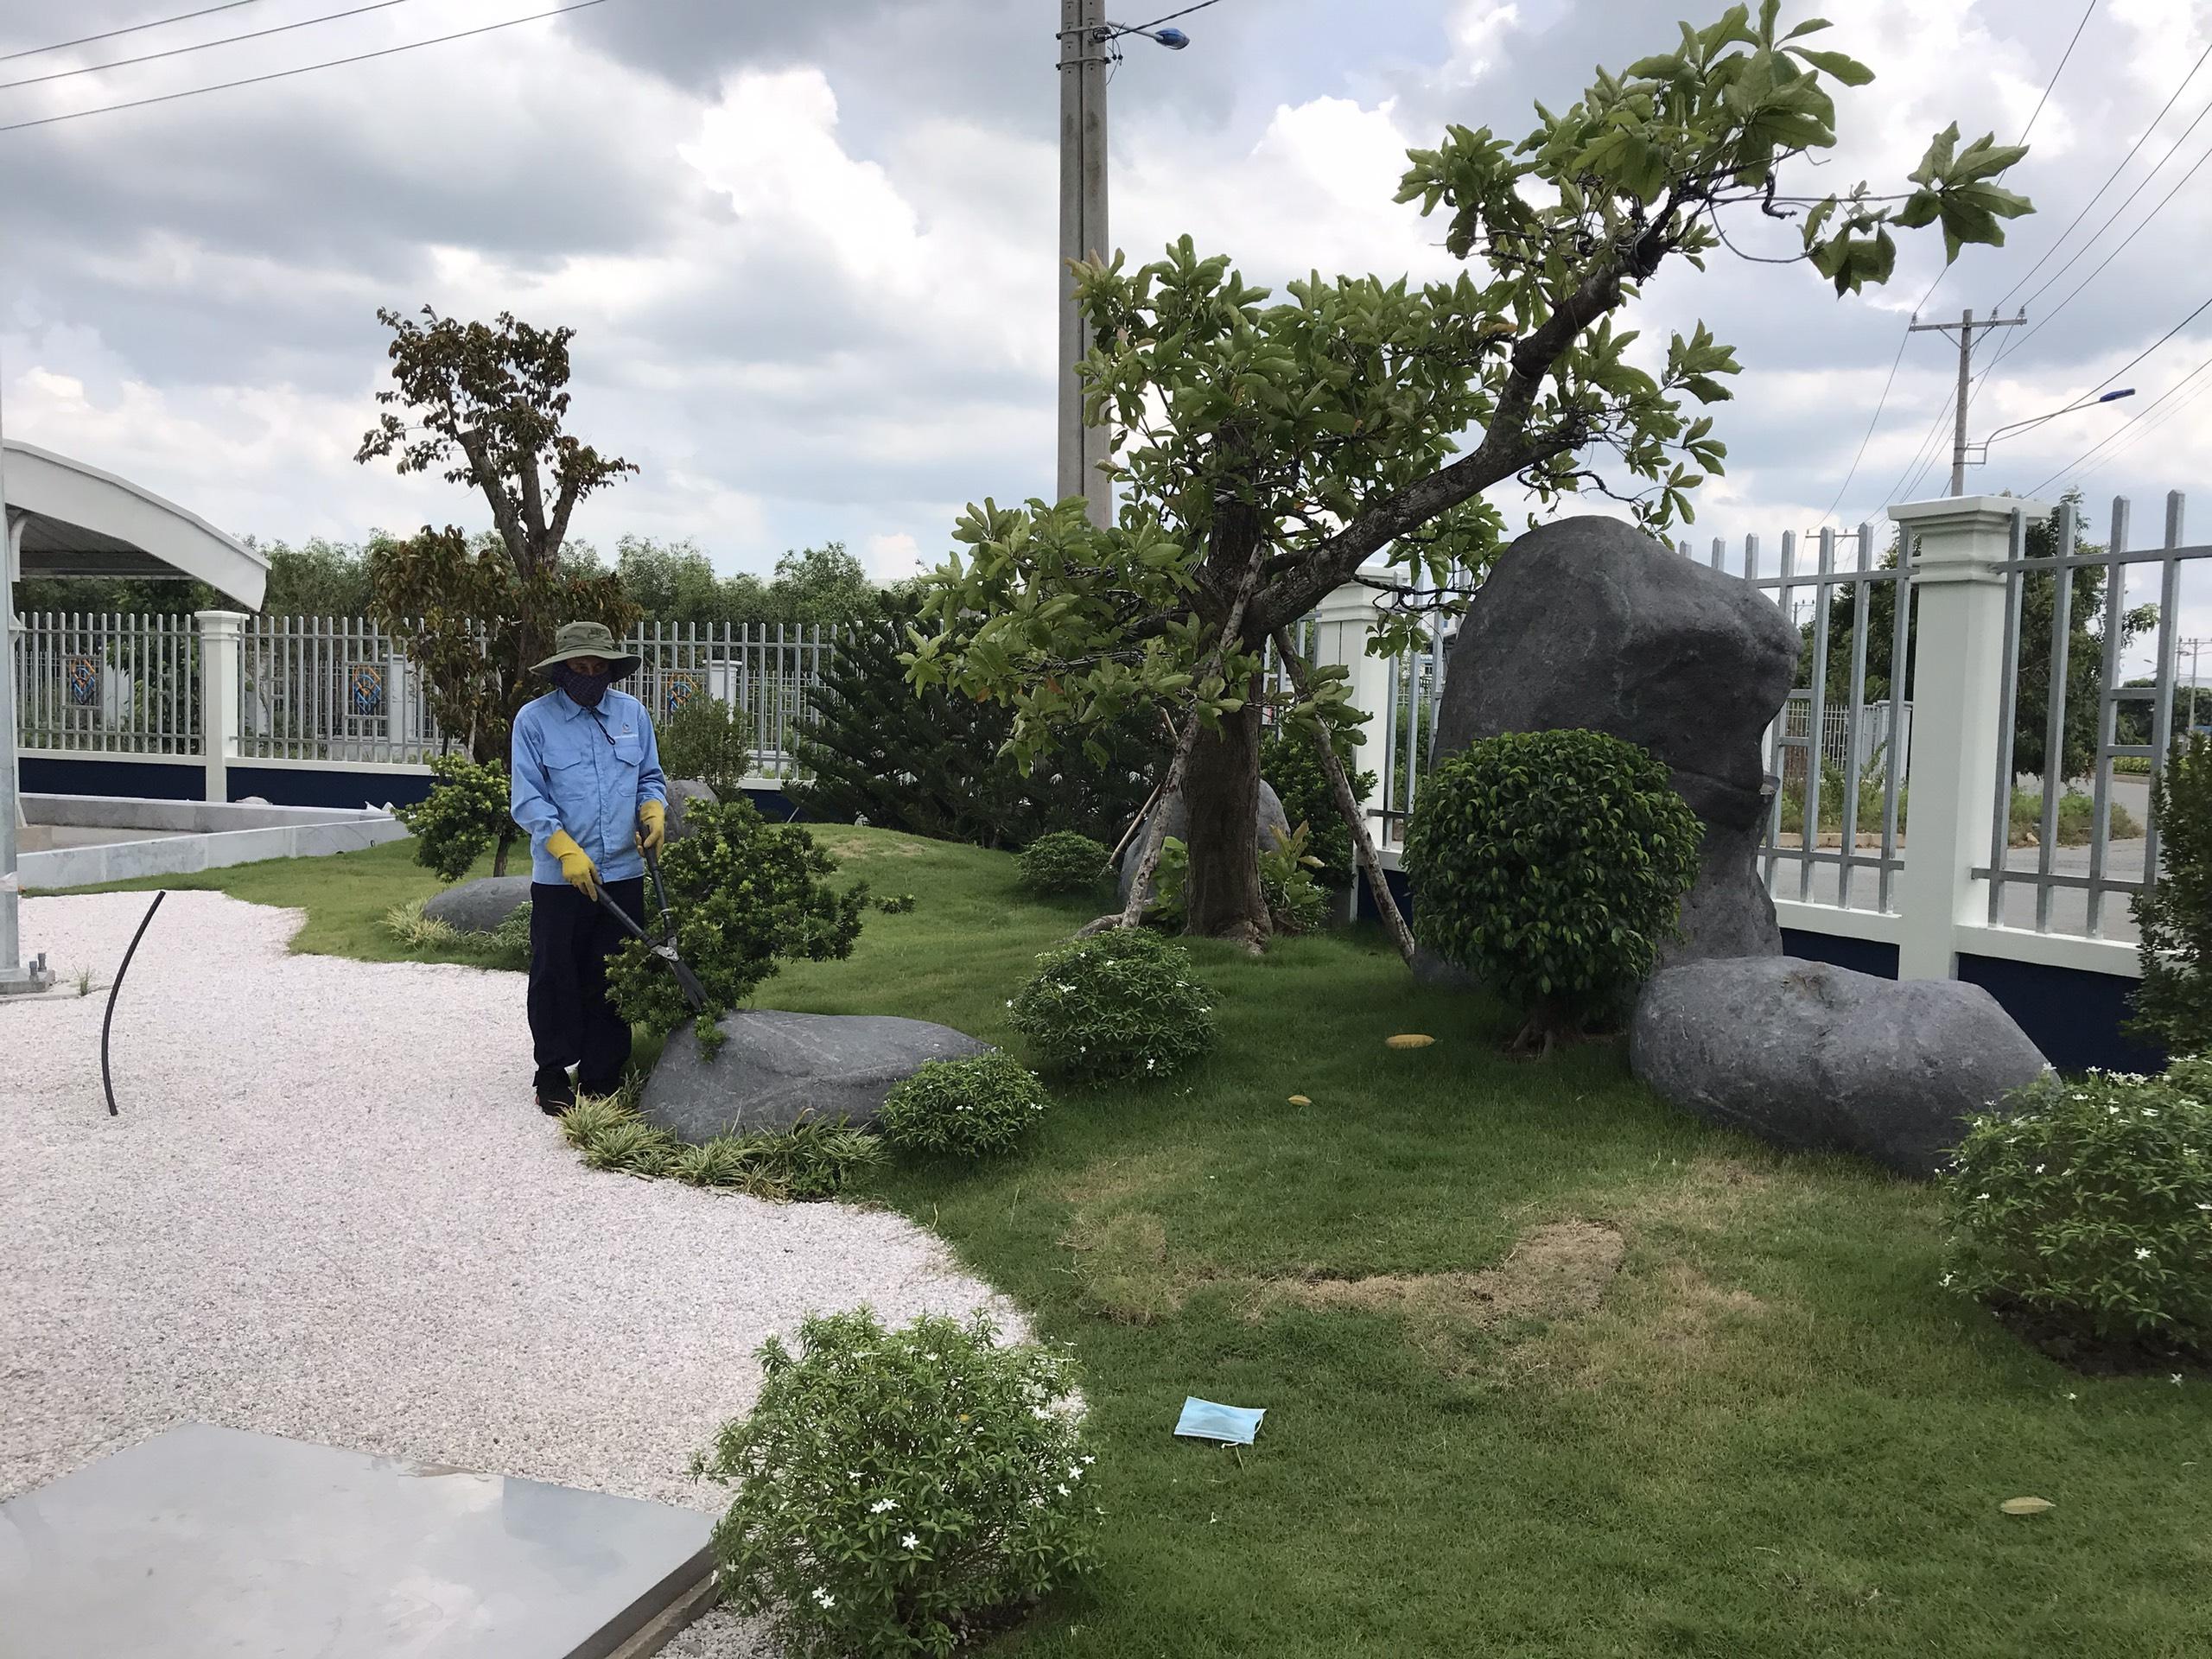 Dịch vụ cắt tỉa cây xanh tại Tây Ninh của Ngoại Thất Xanh